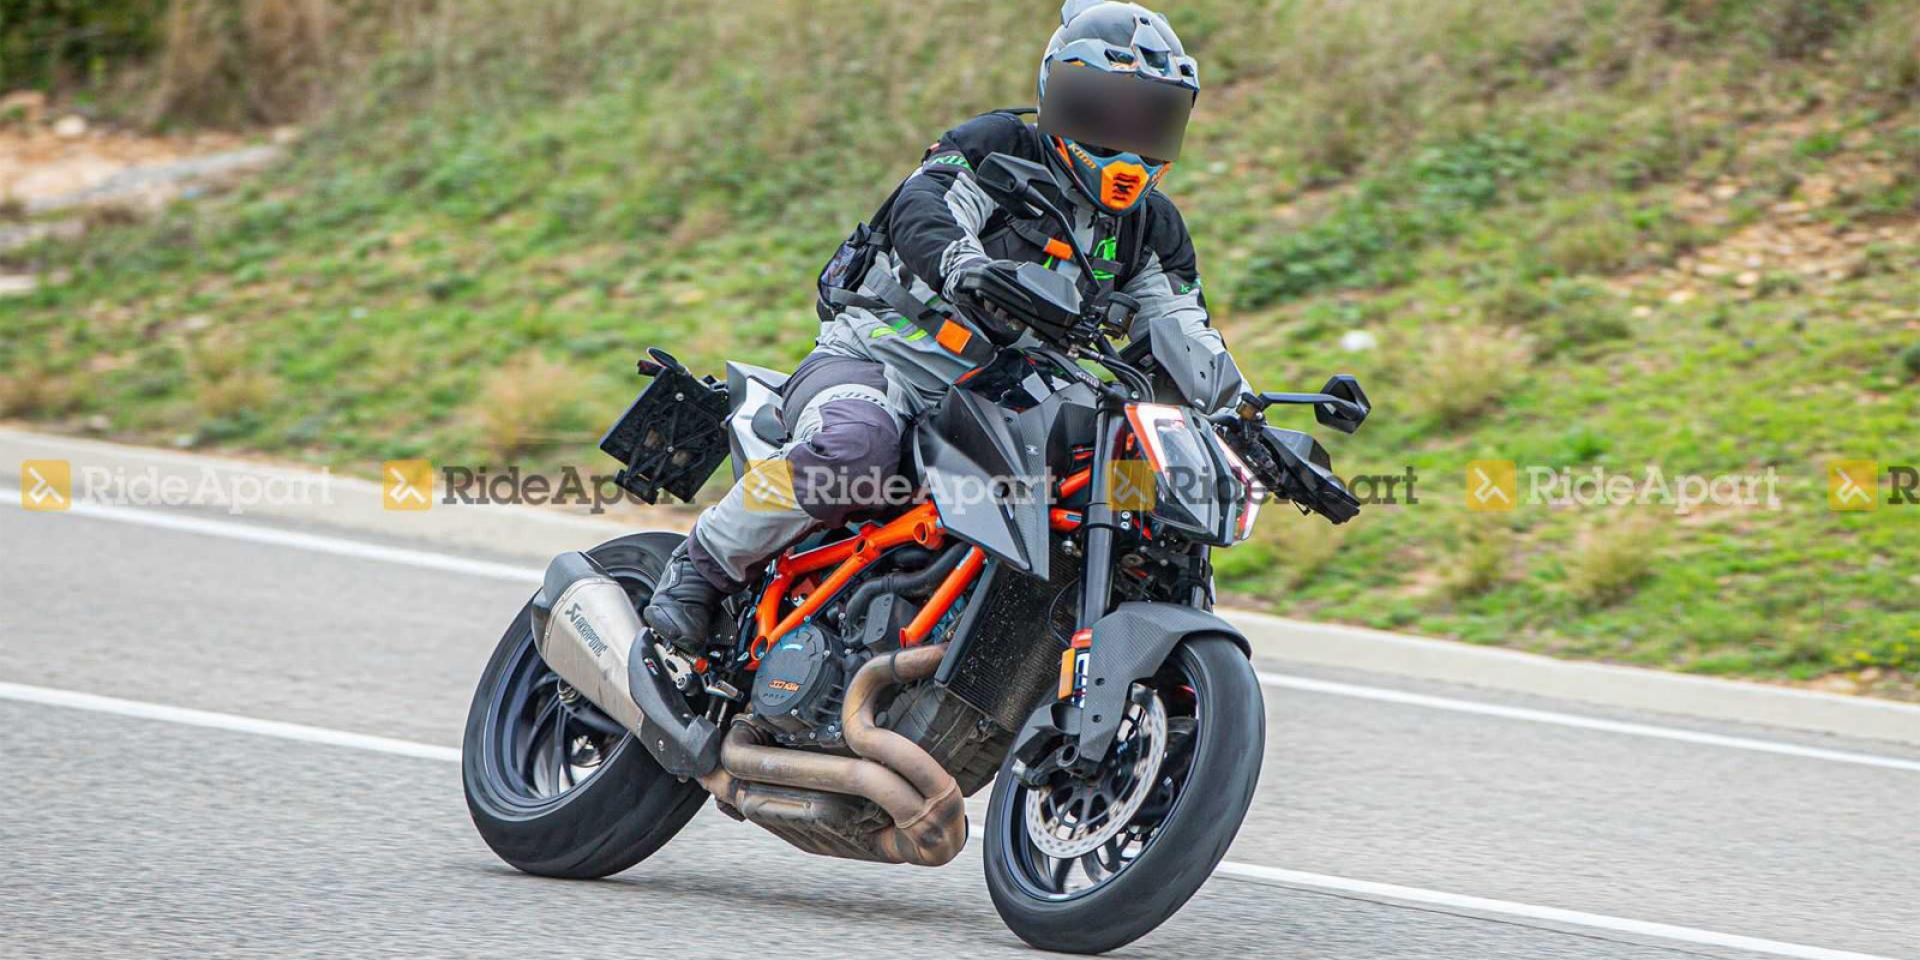 加上Carbon更殺!KTM 1290 SUPER DUKE RR間諜照曝光